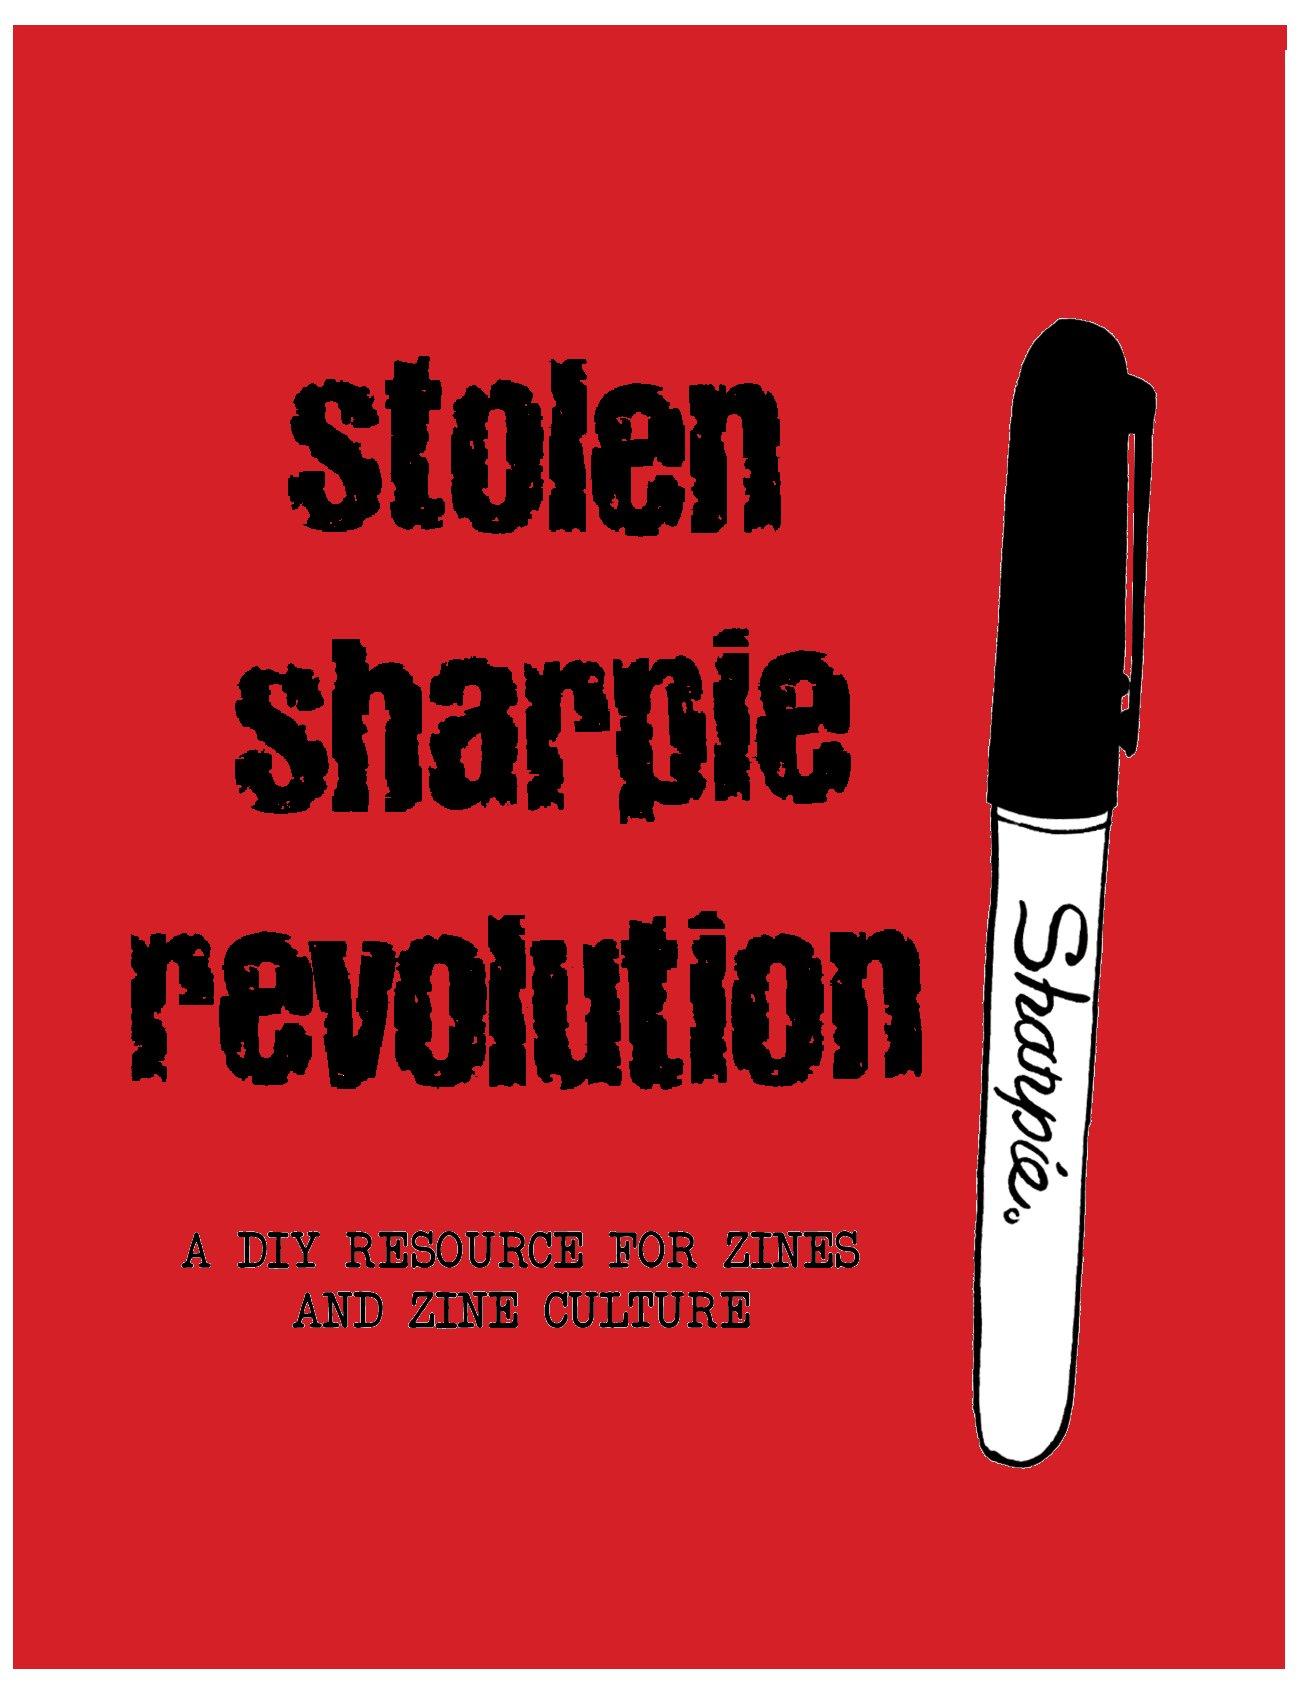 Stolen Sharpie Revolution Resource Culture